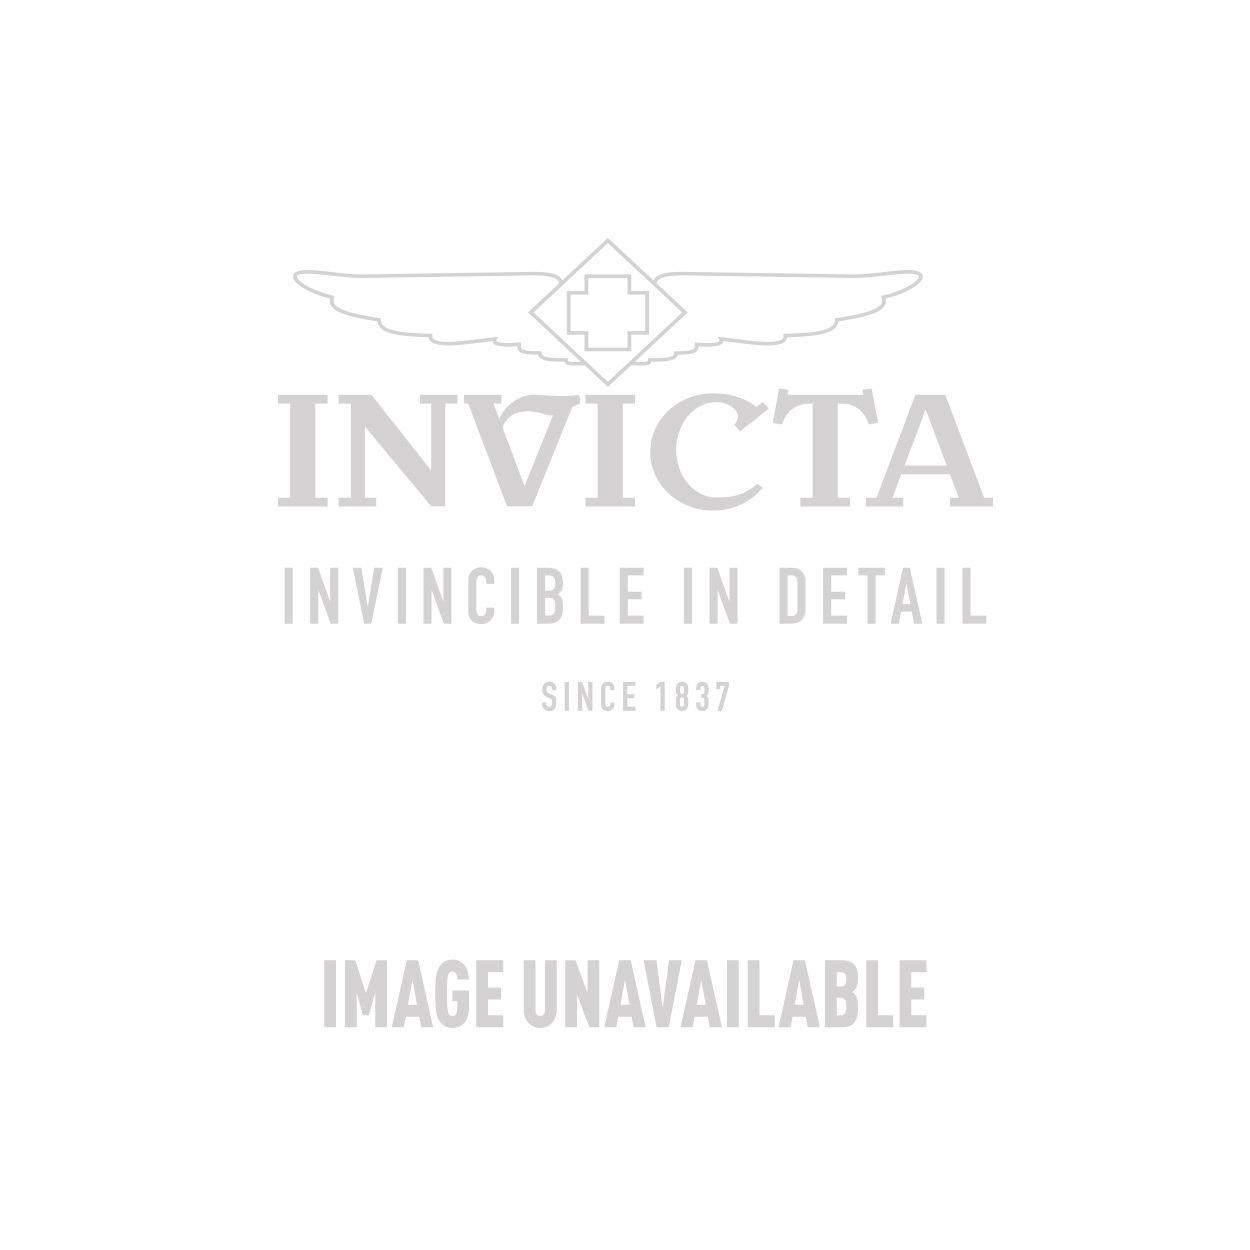 Invicta Model 25121